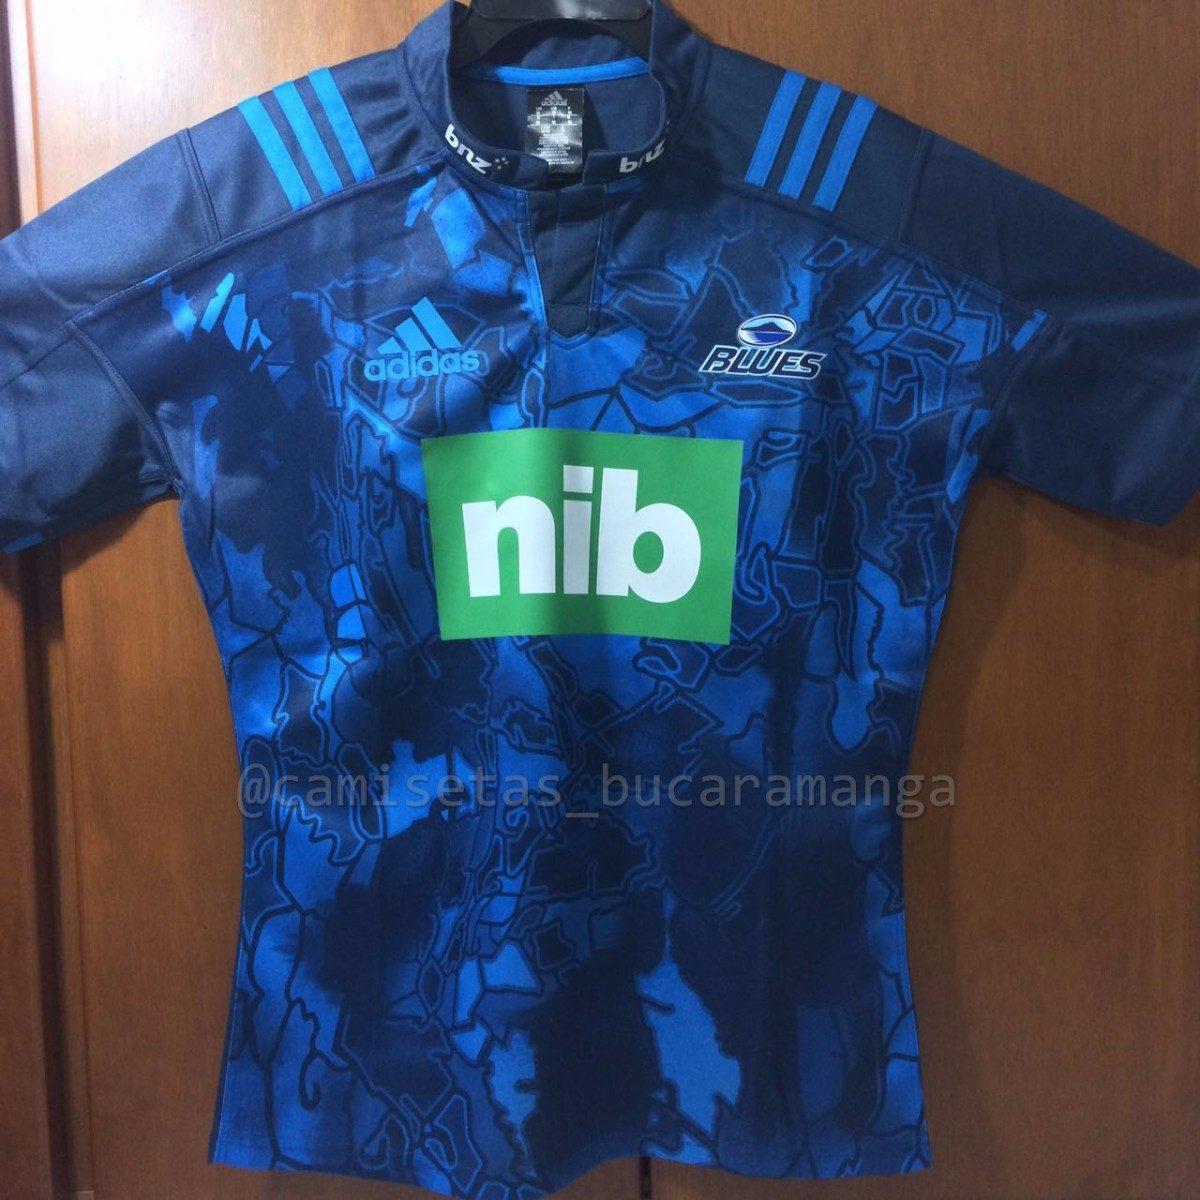 8d6f801588b16 Camisetas Rugby  Blues Y Mas (s-xxl) - Es Contacto -   1 en Mercado ...